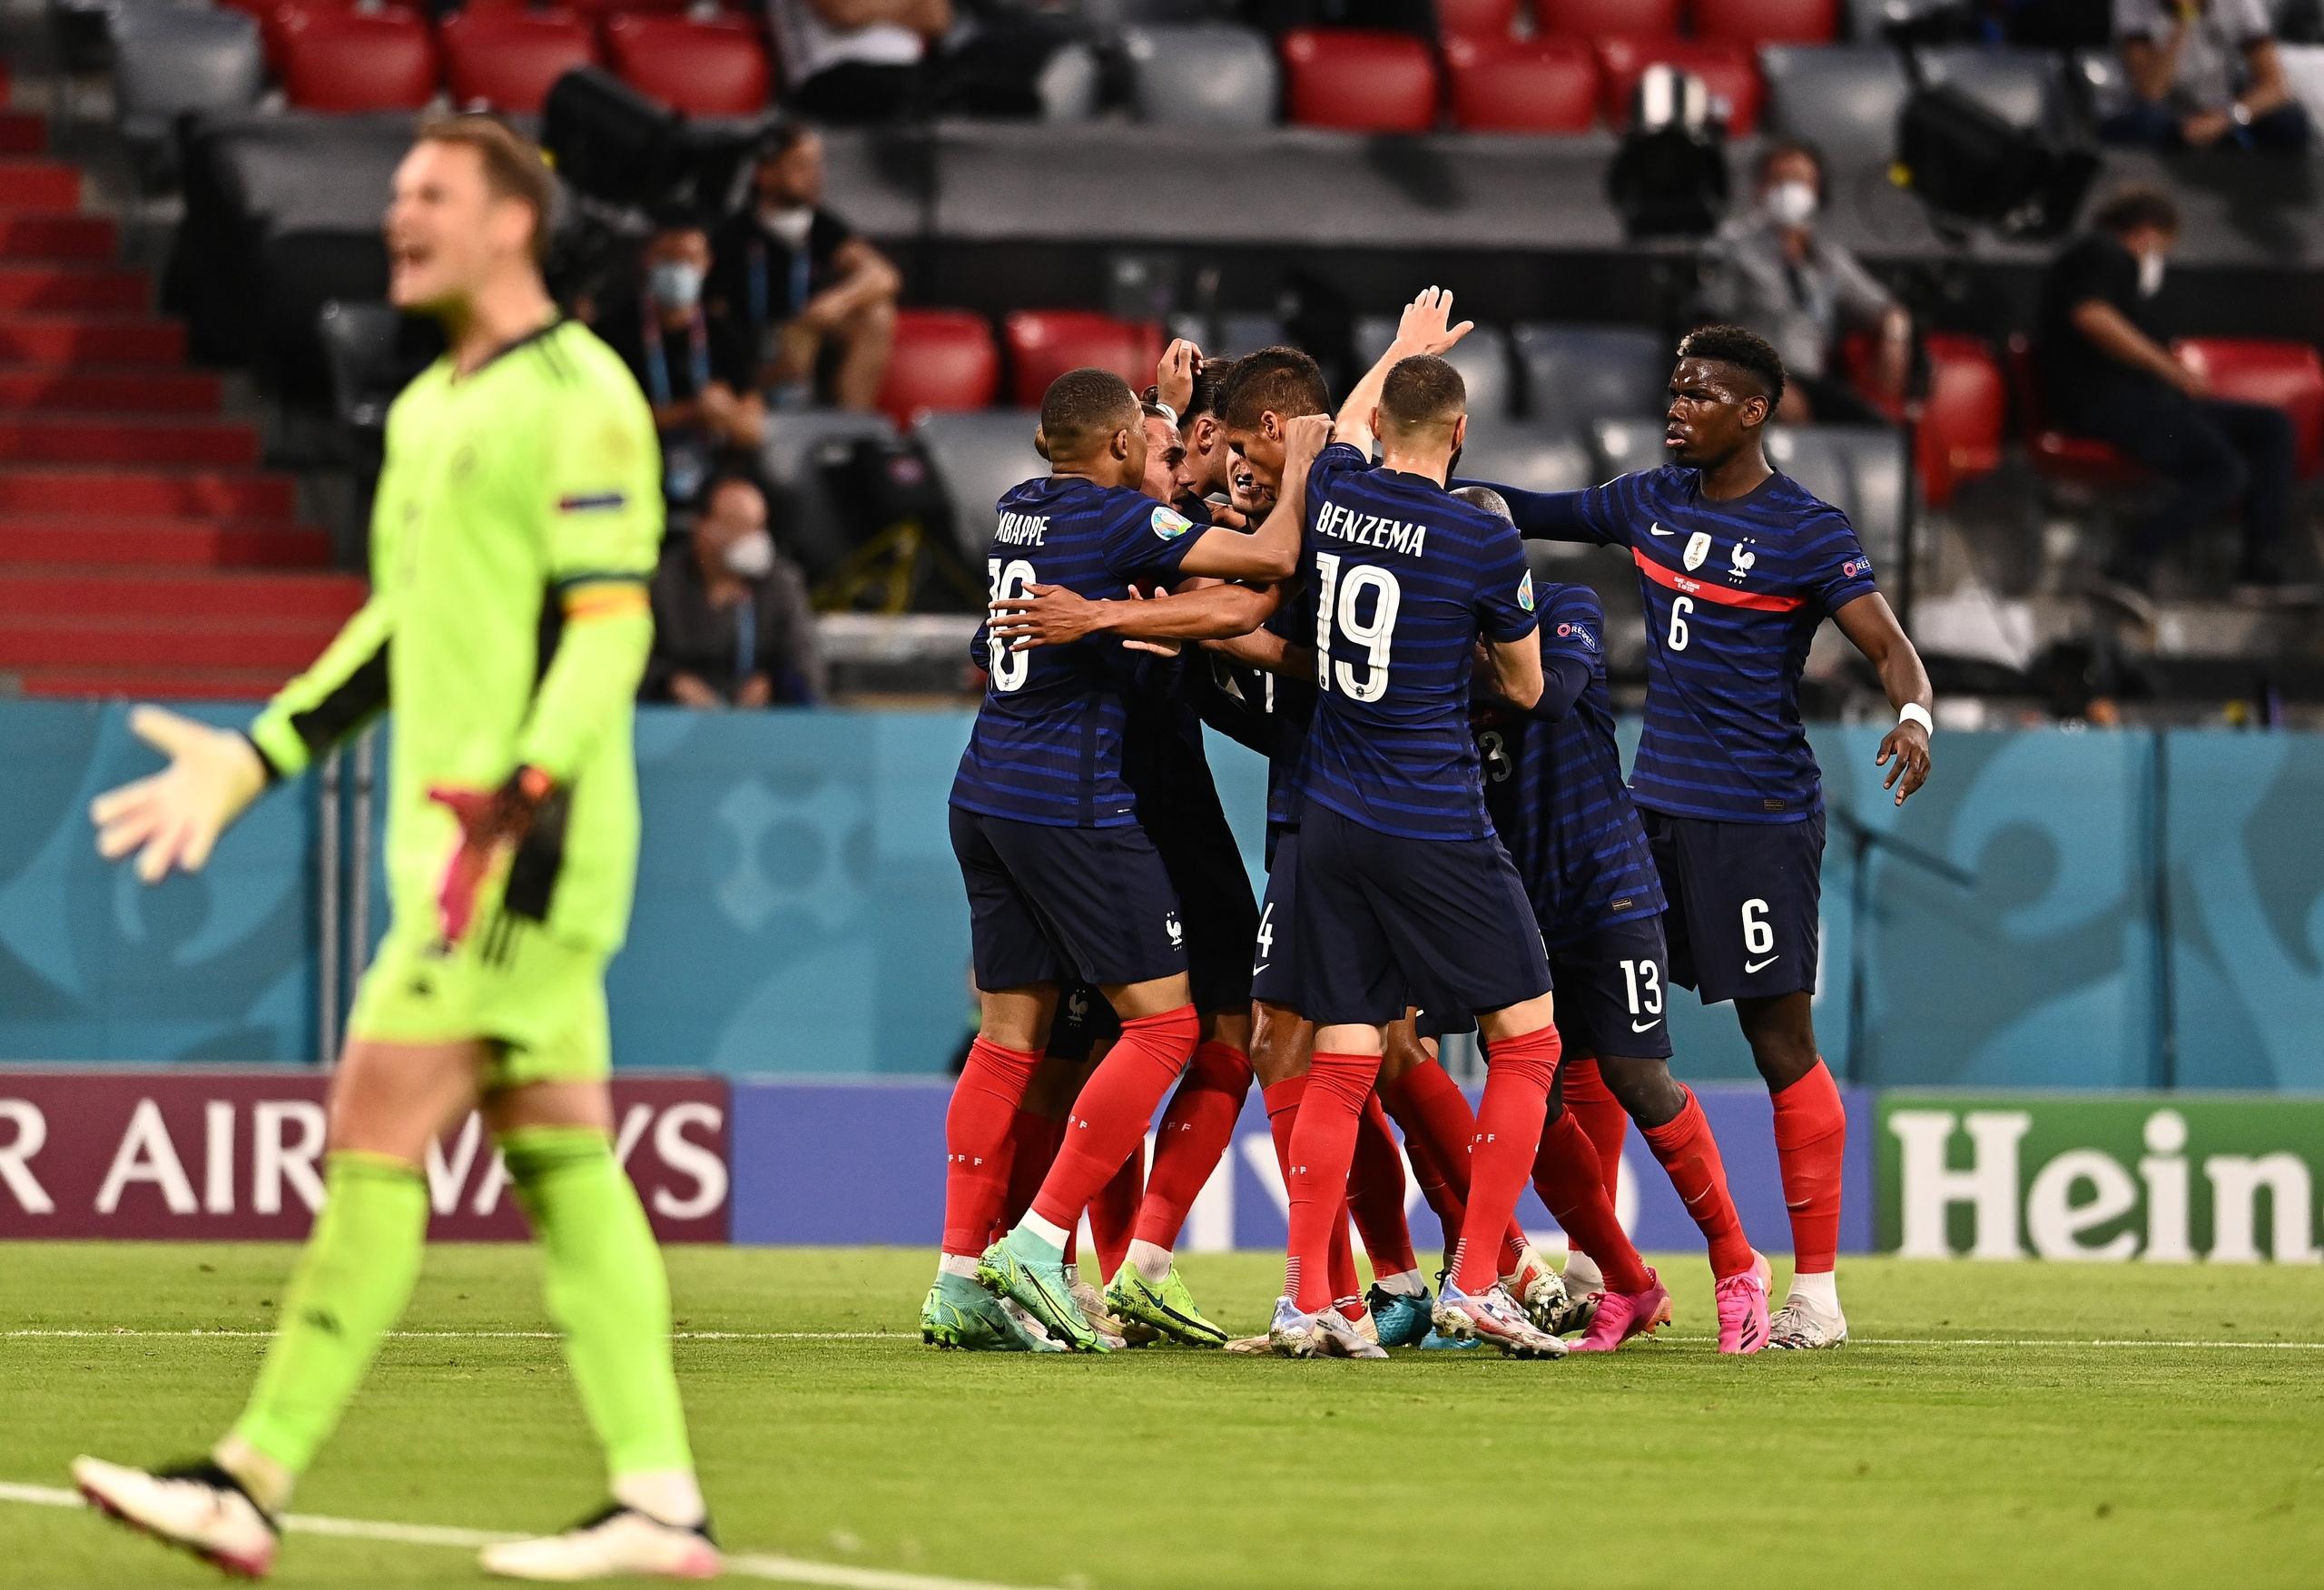 Сумасшедший матч Франции и Германии: Рюдигер укусил Погба, Хуммельс забил автогол